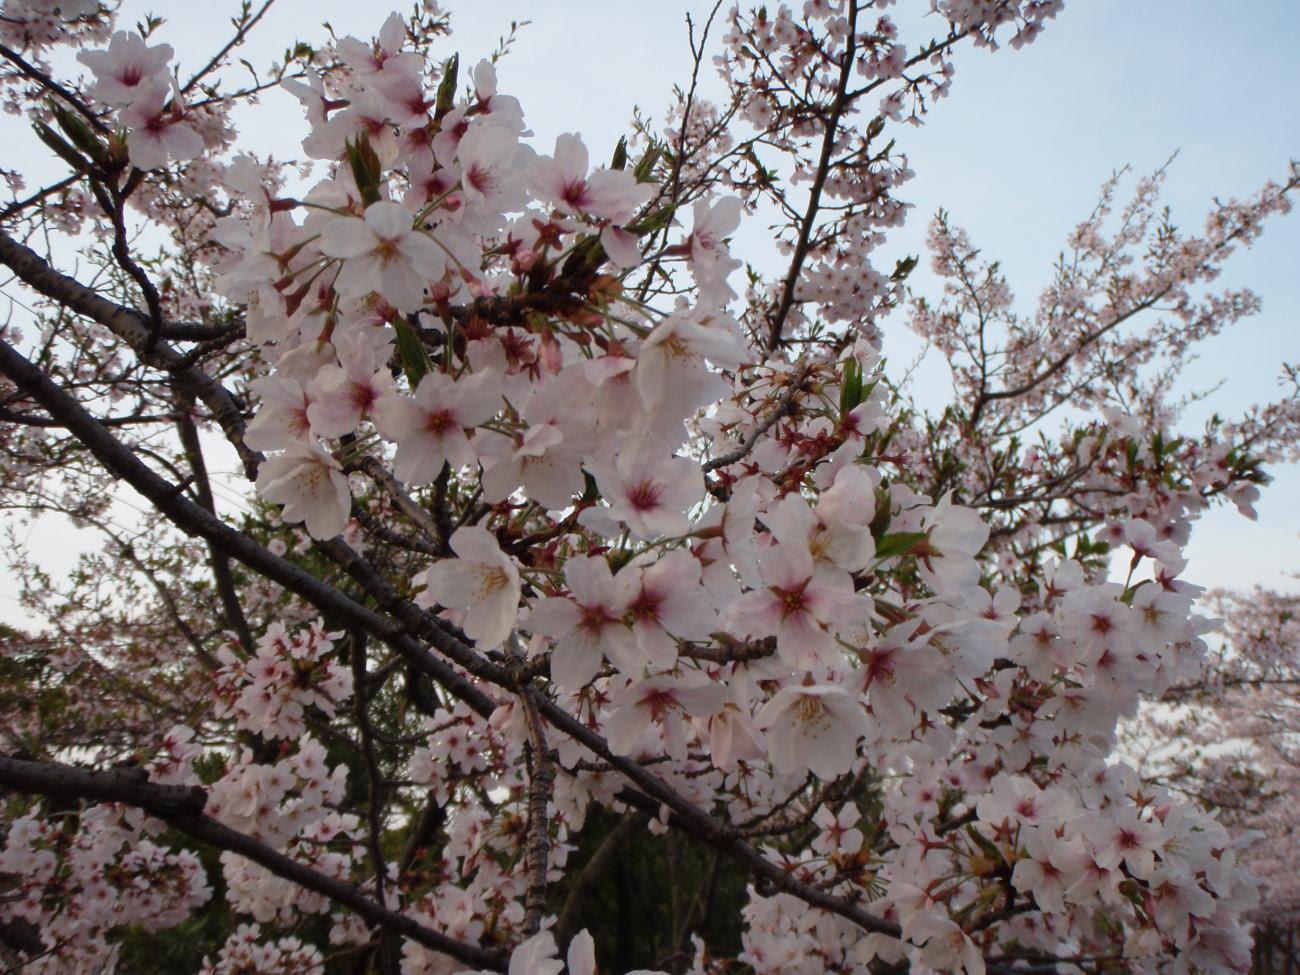 Hewan Lucu 2016 Animasi Bergerak Bunga Sakura Berguguran Images